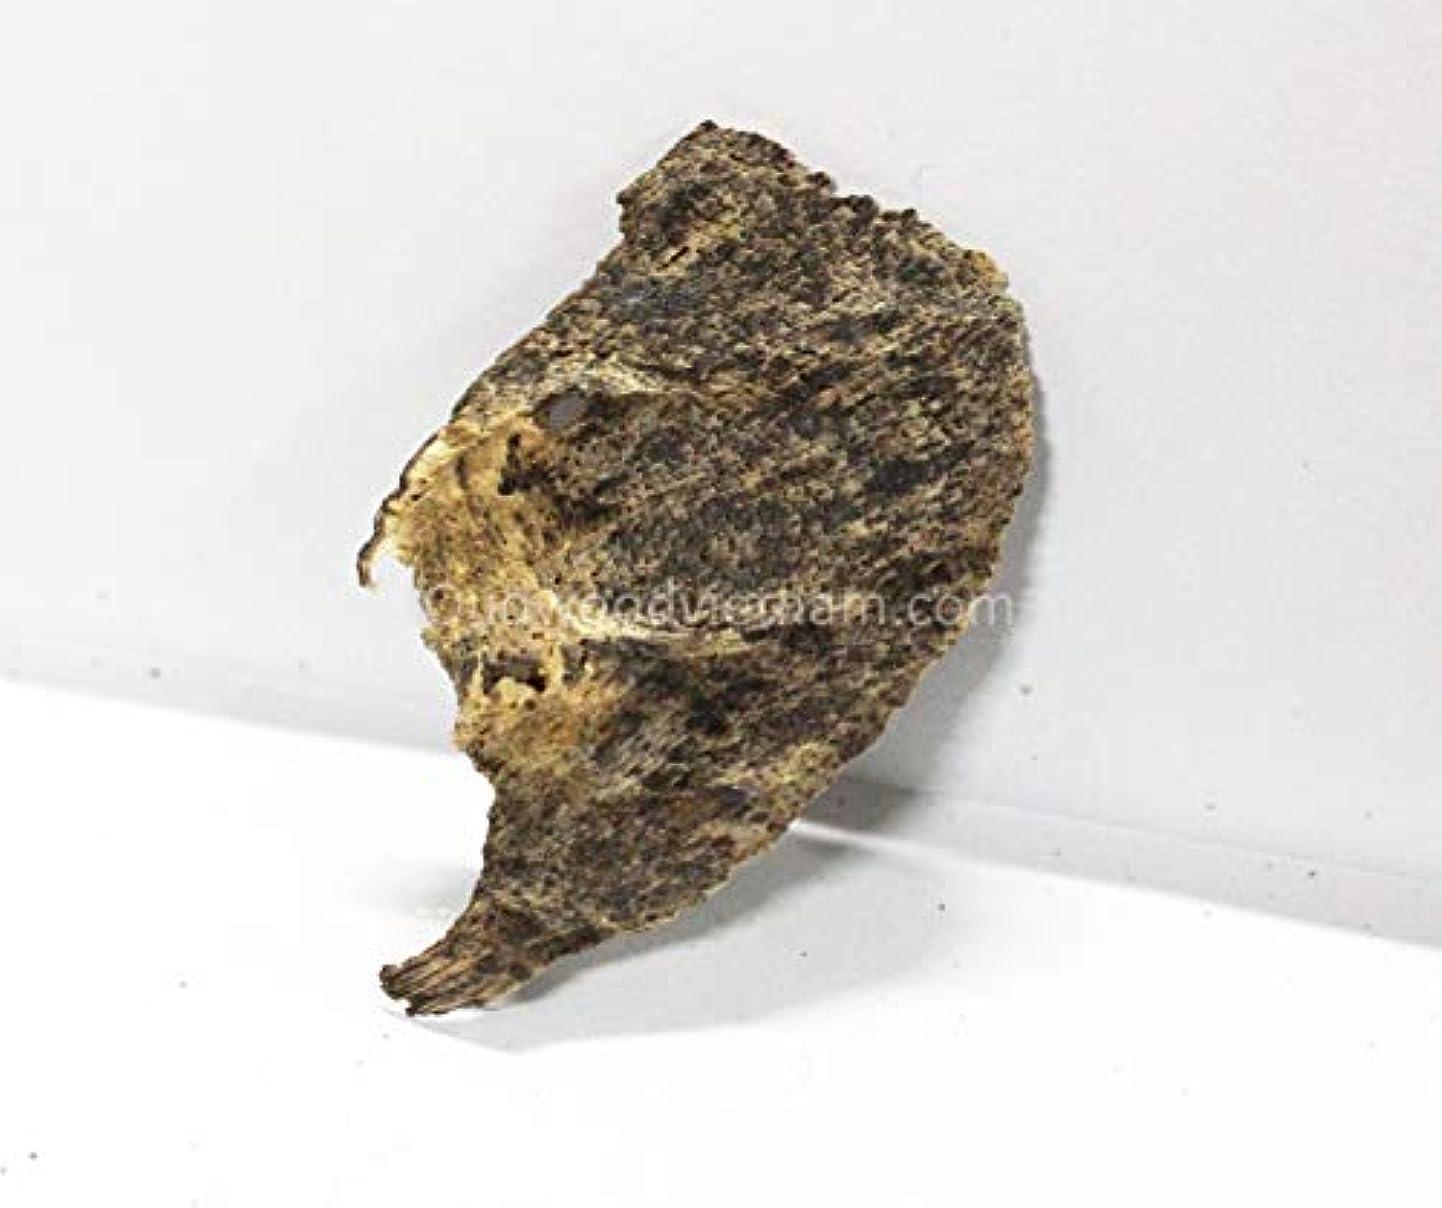 悲惨金銭的な真っ逆さまアガーウッドチップ オウドチップス お香 アロマ ナチュラル ワイルド レア アガーウッド チップ オードウッド ベトナム 純素材 グレード A++ 50g